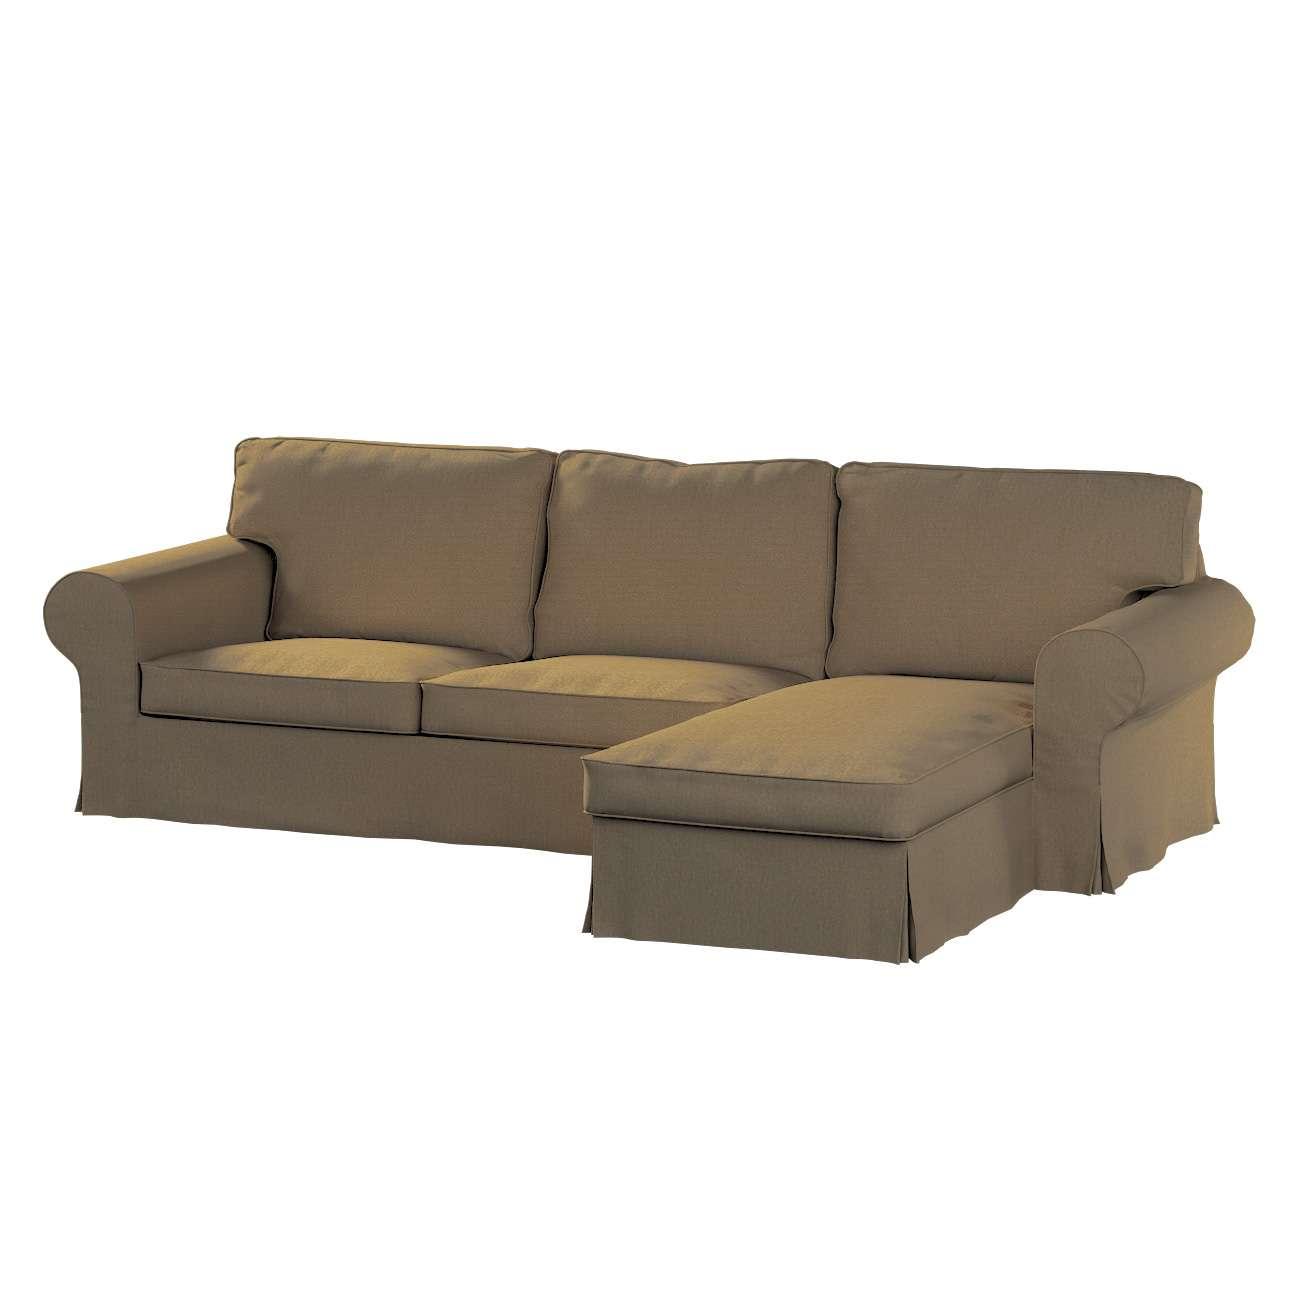 Pokrowiec na sofę Ektorp 2-osobową i leżankę sofa ektorp 2-os. i leżanka w kolekcji Chenille, tkanina: 702-21